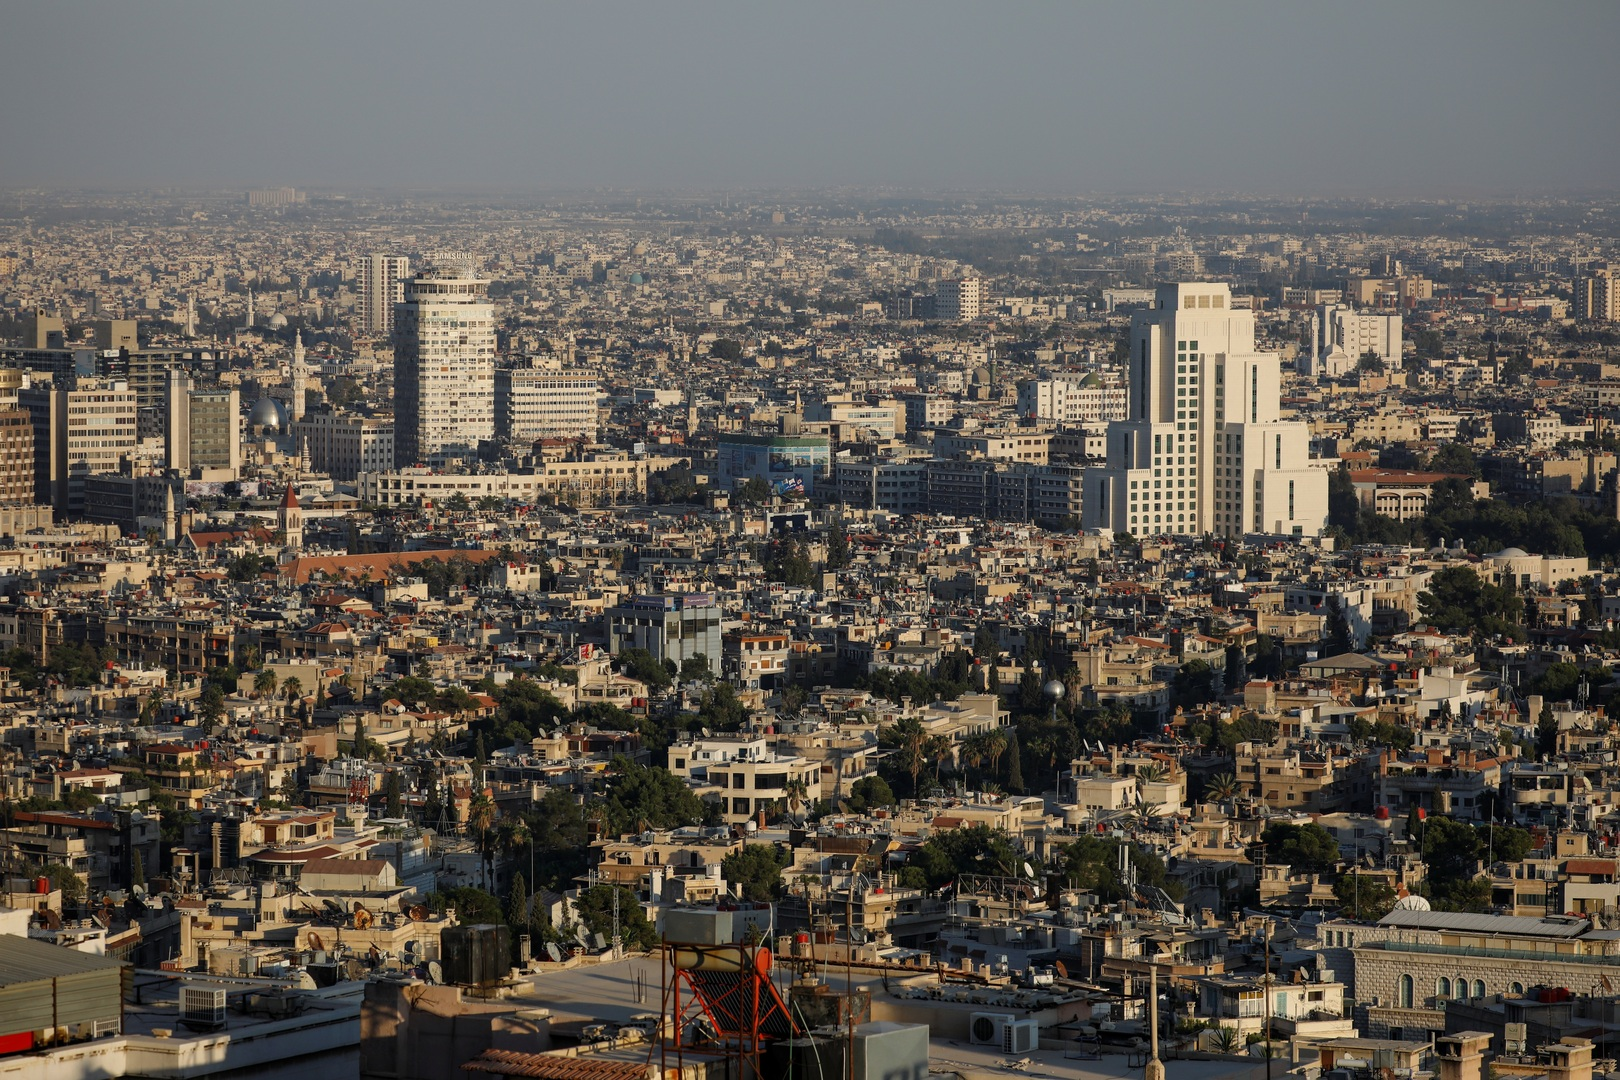 اتفاق سوري إيراني على بناء المدن والضواحي